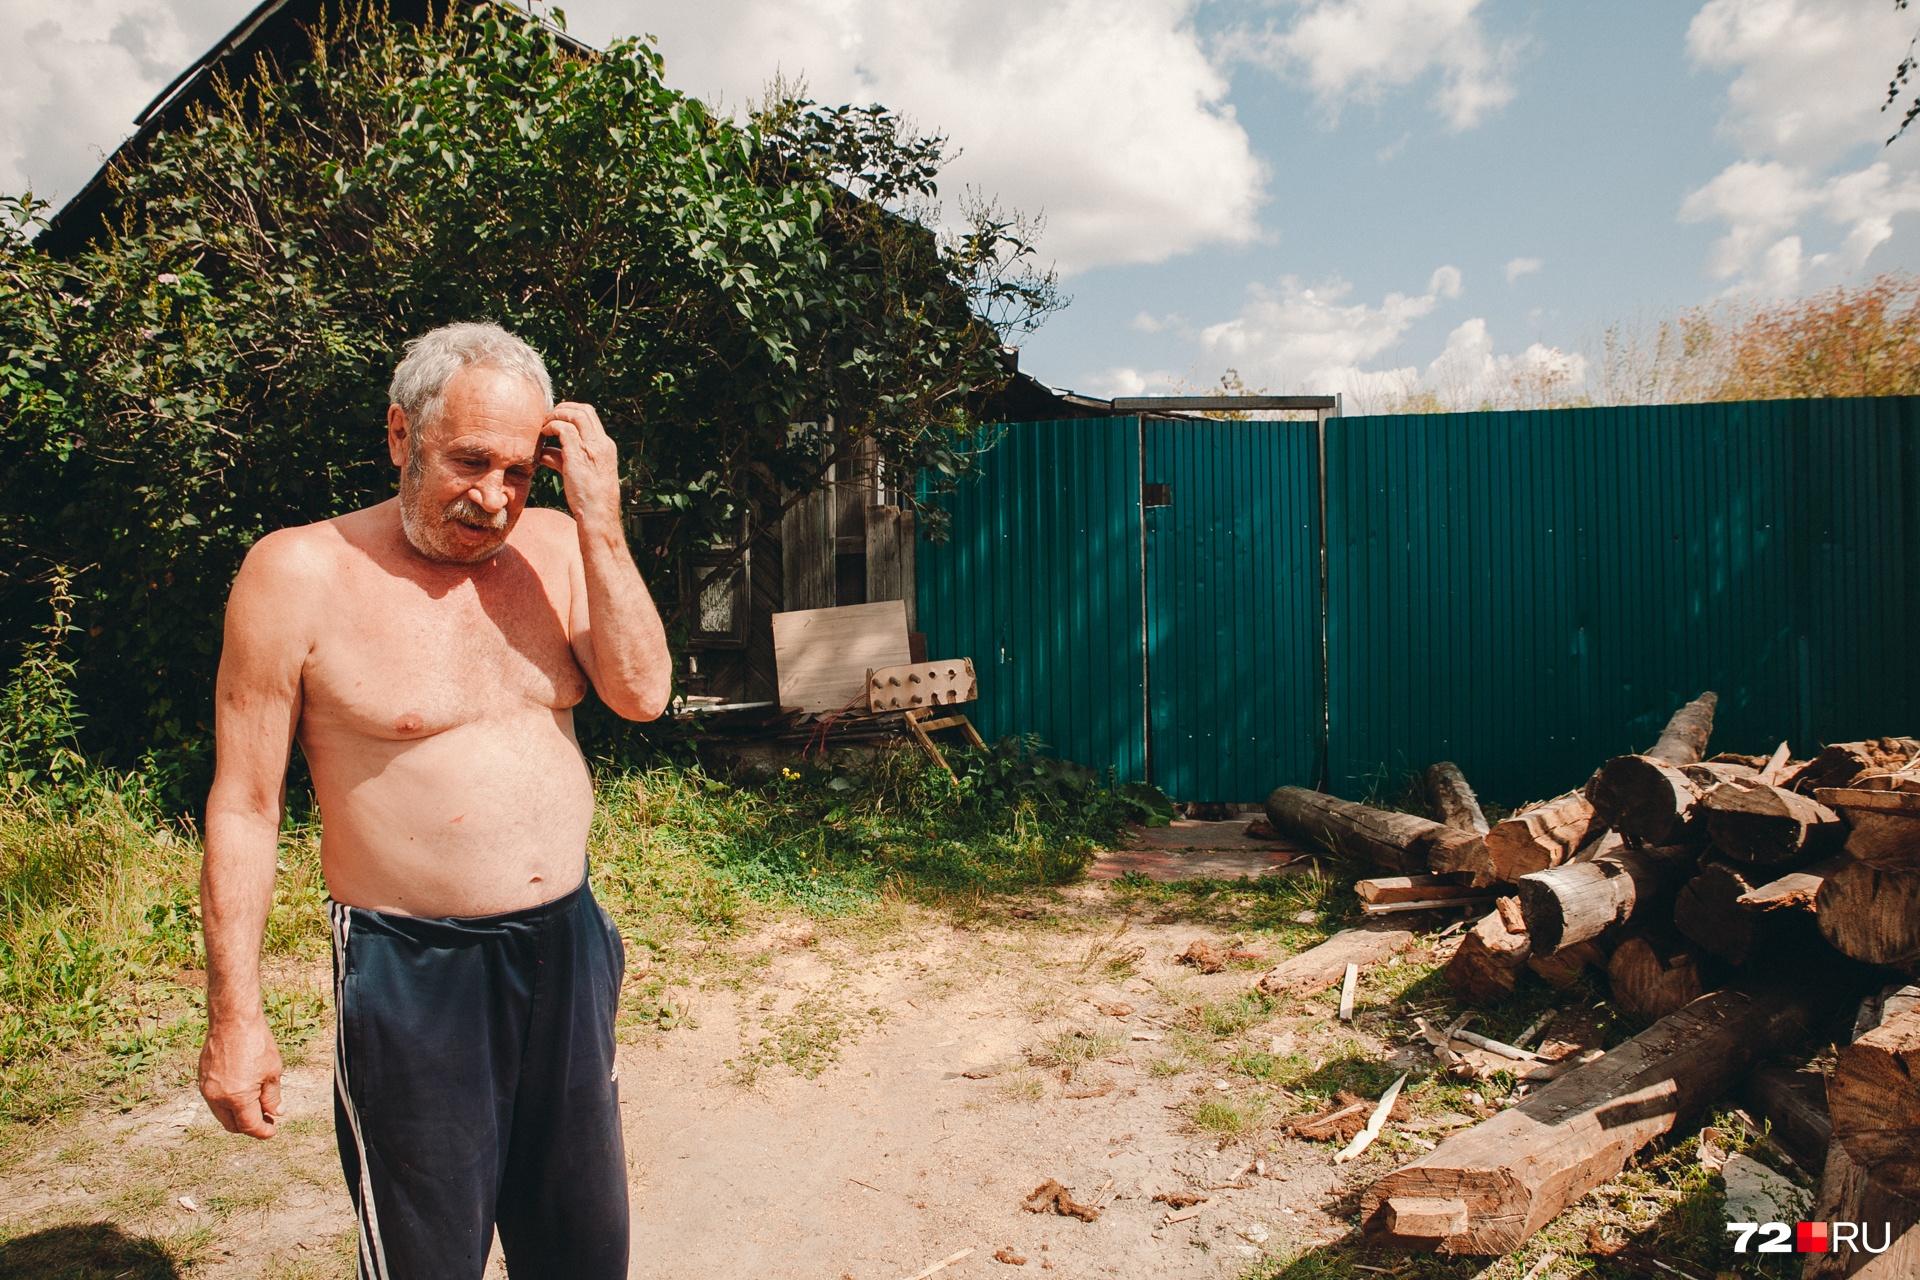 Тюменец показывает на бревна, которыми будет топить печь. Их ему отдали при сносе старого дома. История греет в буквальном смысле